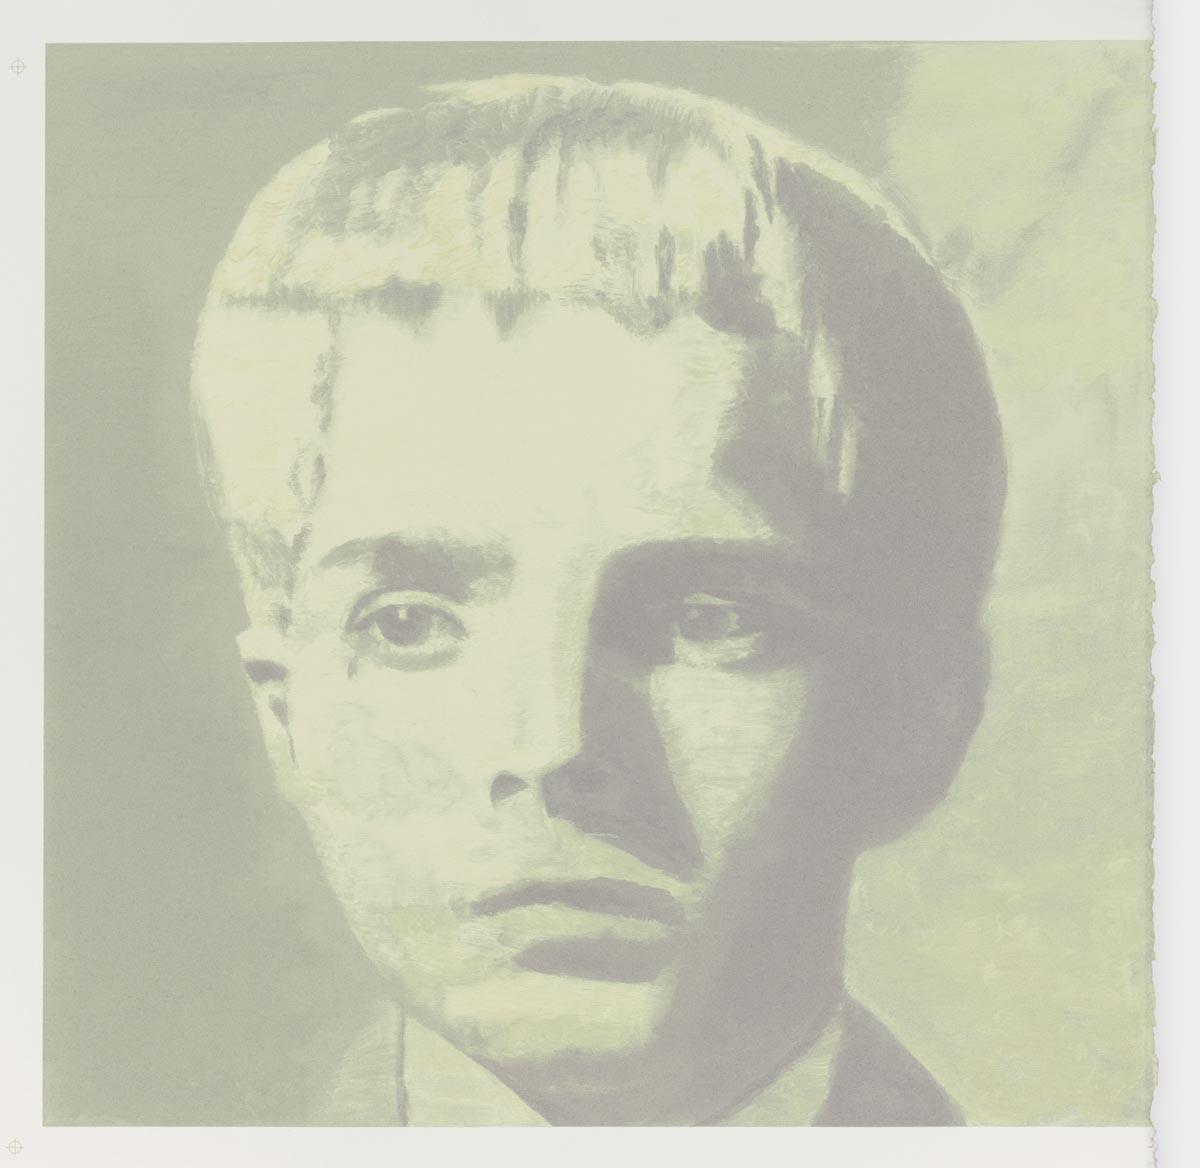 The Valley    Sérigraphie, 2012, 71 x 72.5 cm, edition de 75 + XXXV Edité par Graphic Matter, Anvers Imprimé par Roger Vandaele, Anvers Collection Studio Luc Tuymans